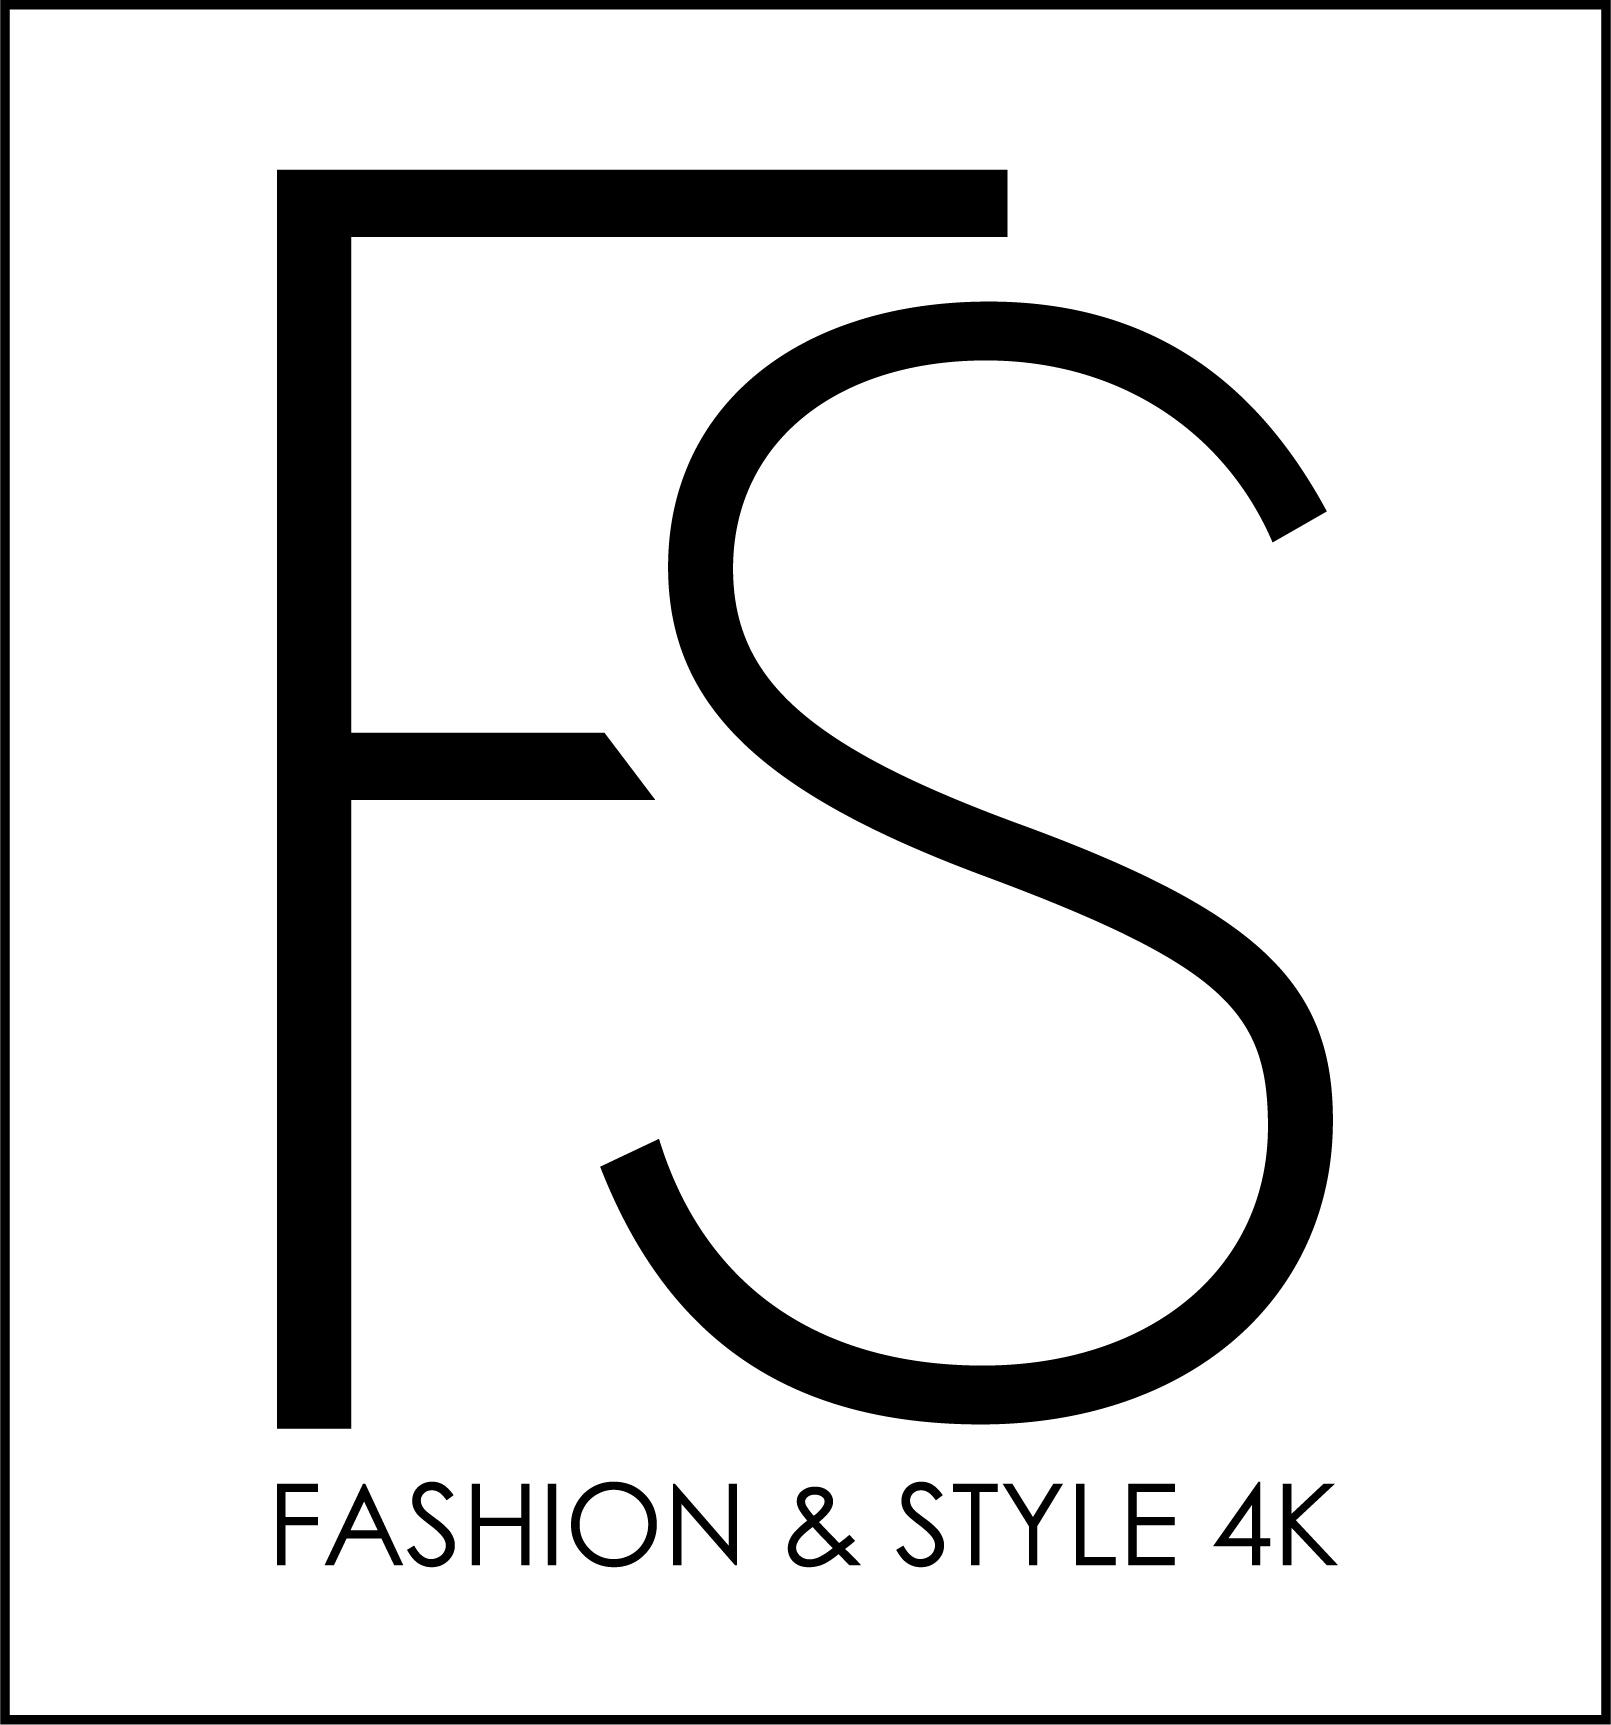 fashion_4k